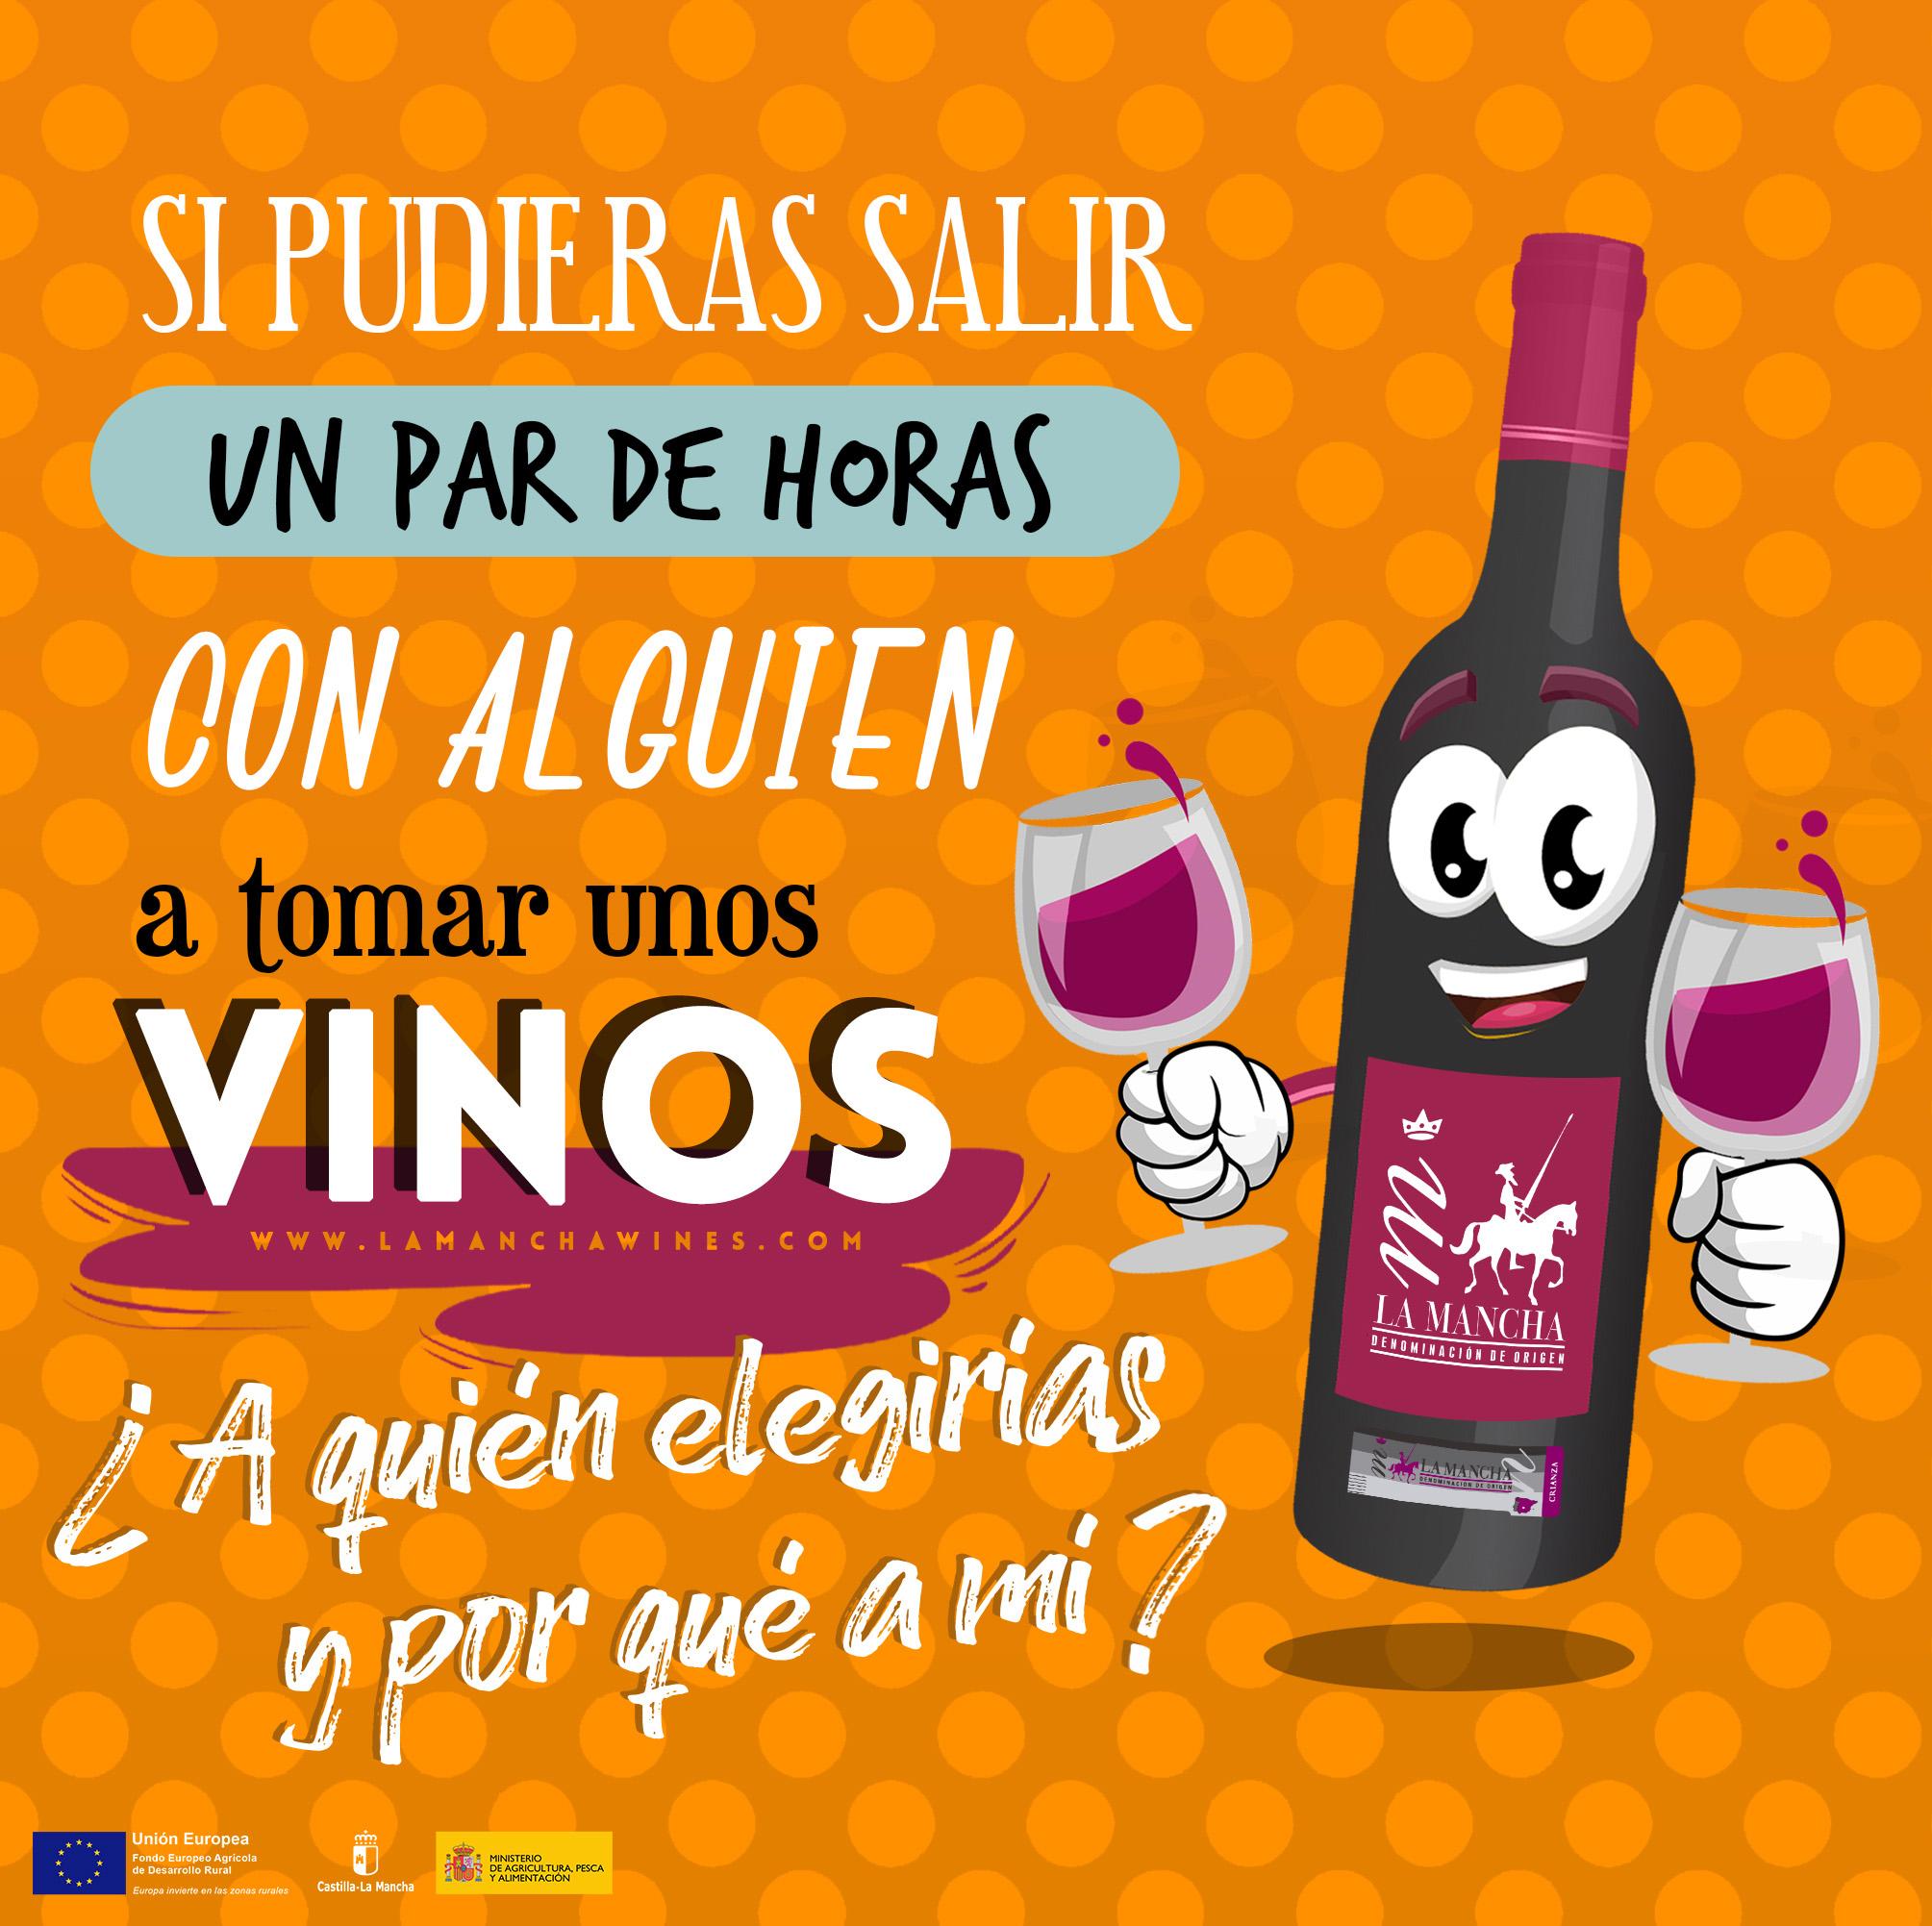 A-quien-eligirias-para-tomar-un-vino